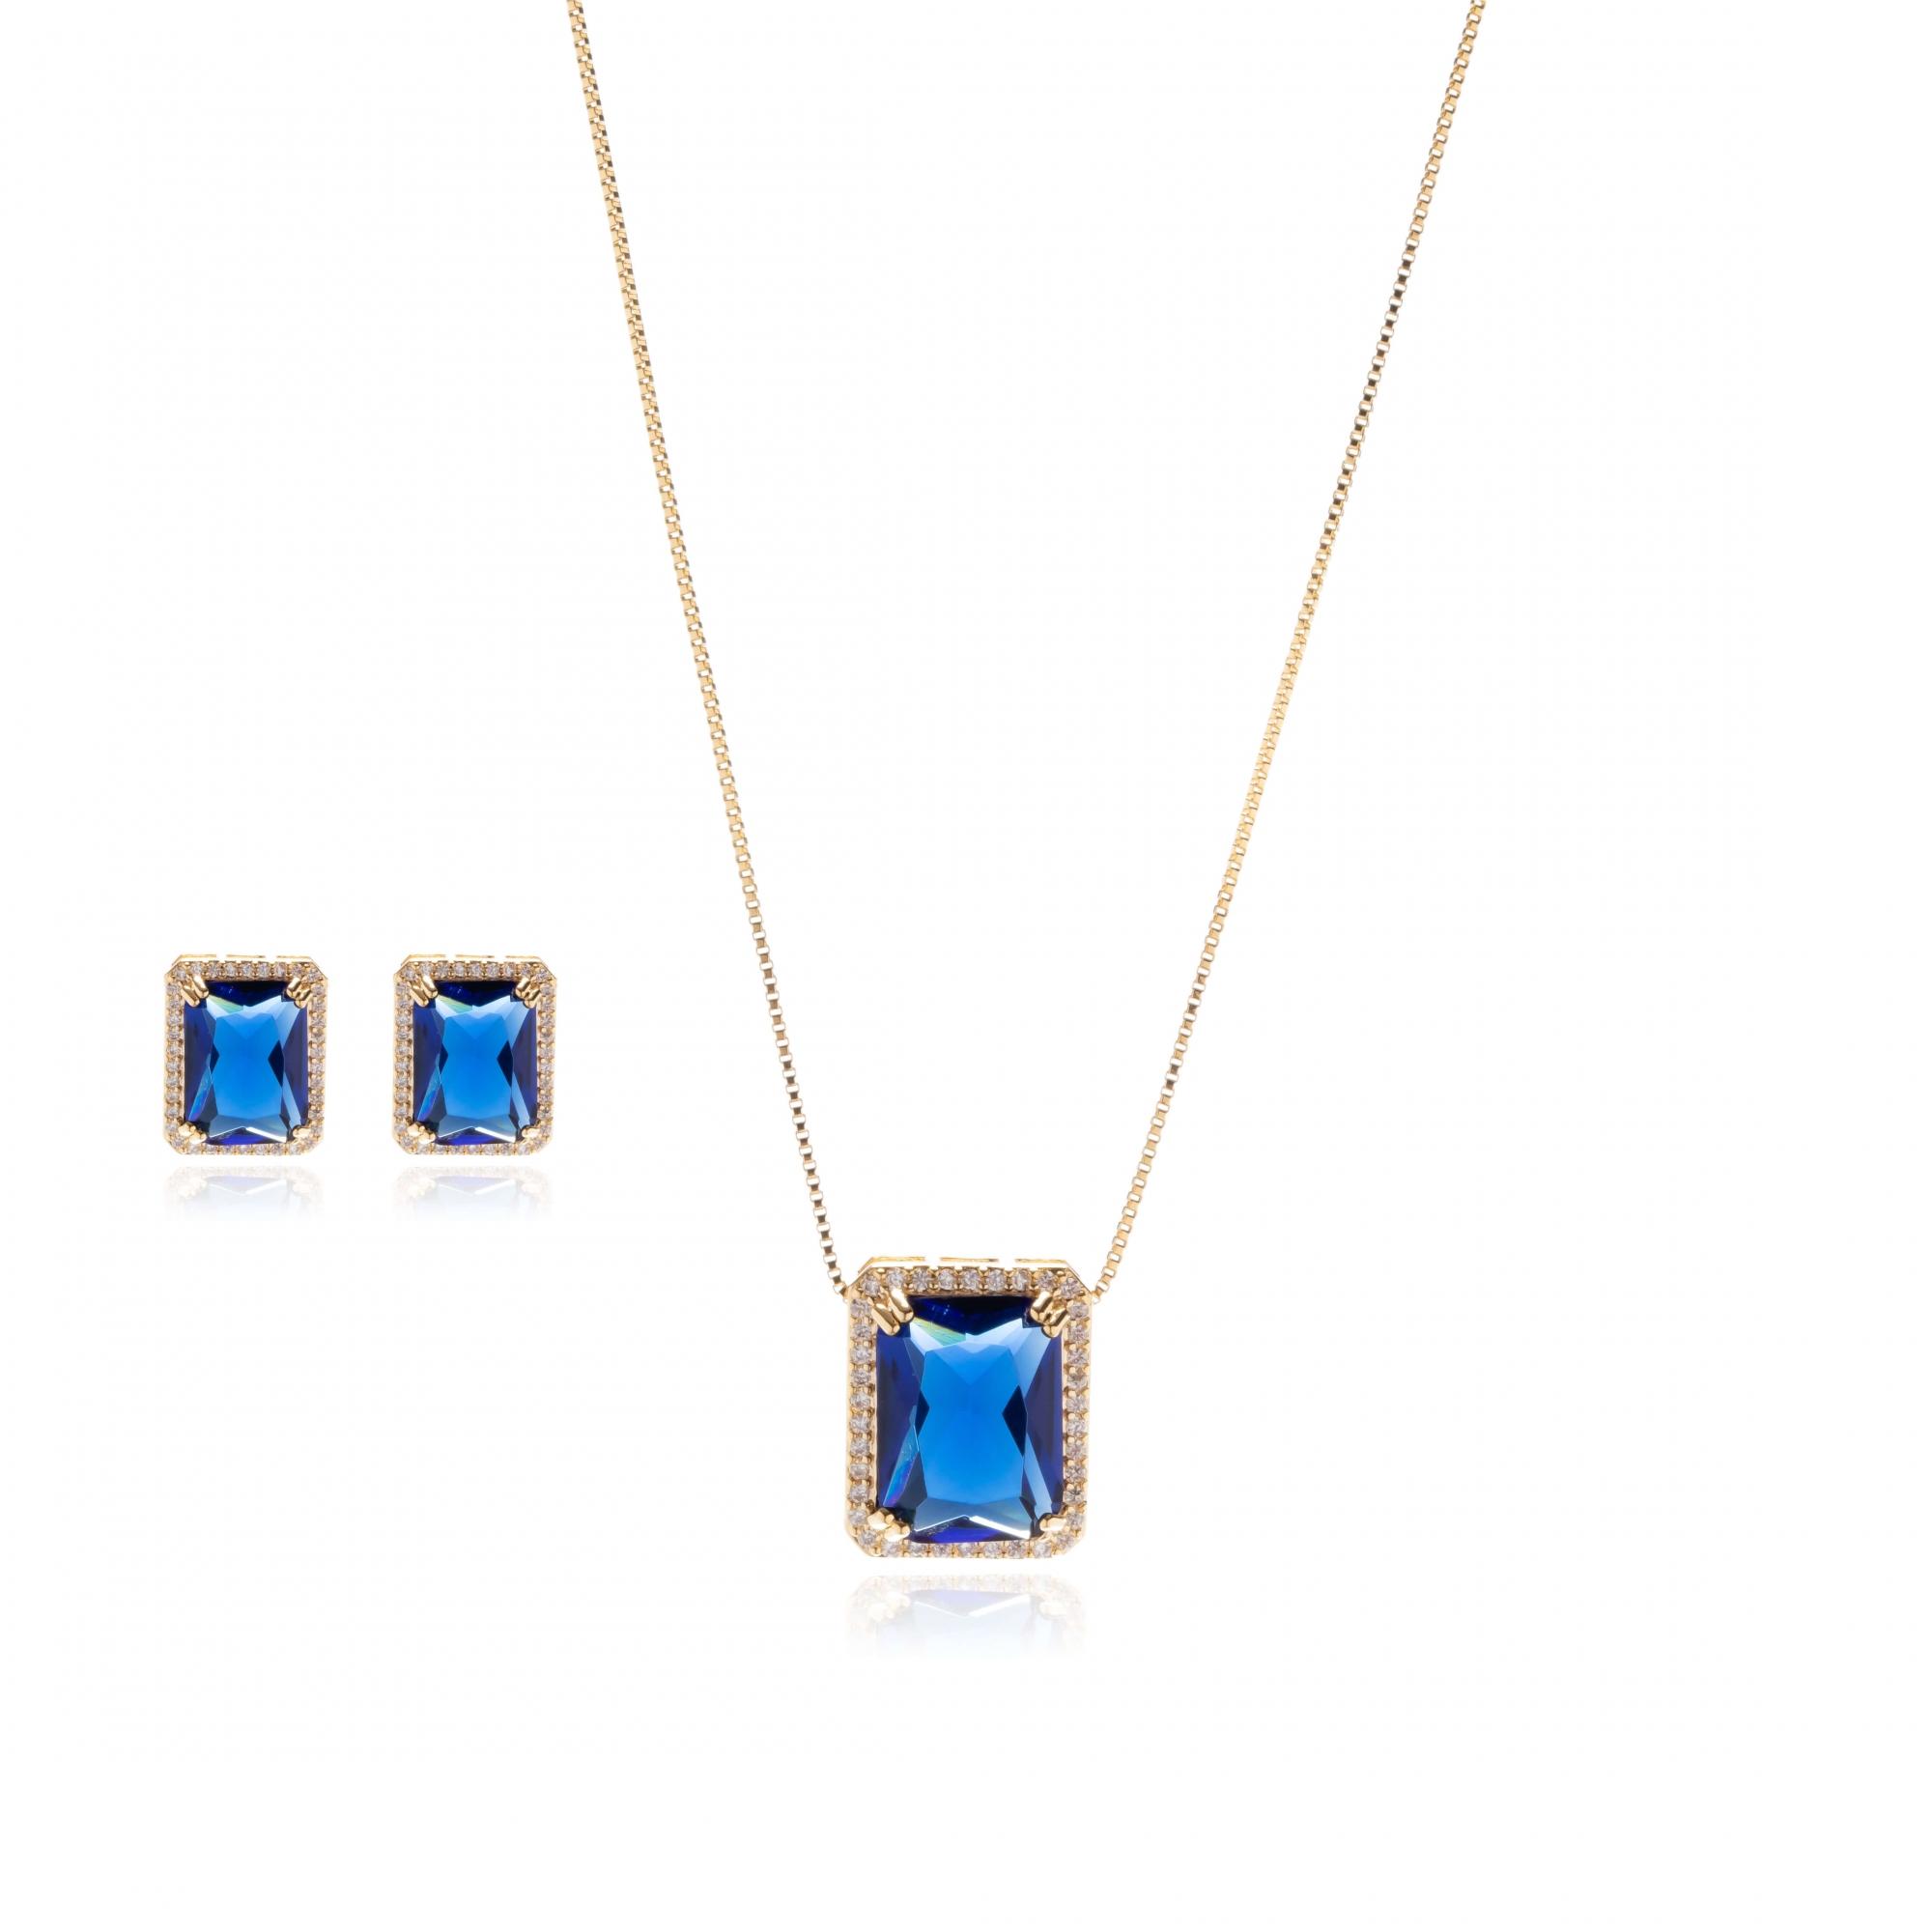 Conjunto Pedra Azul com Zircônias